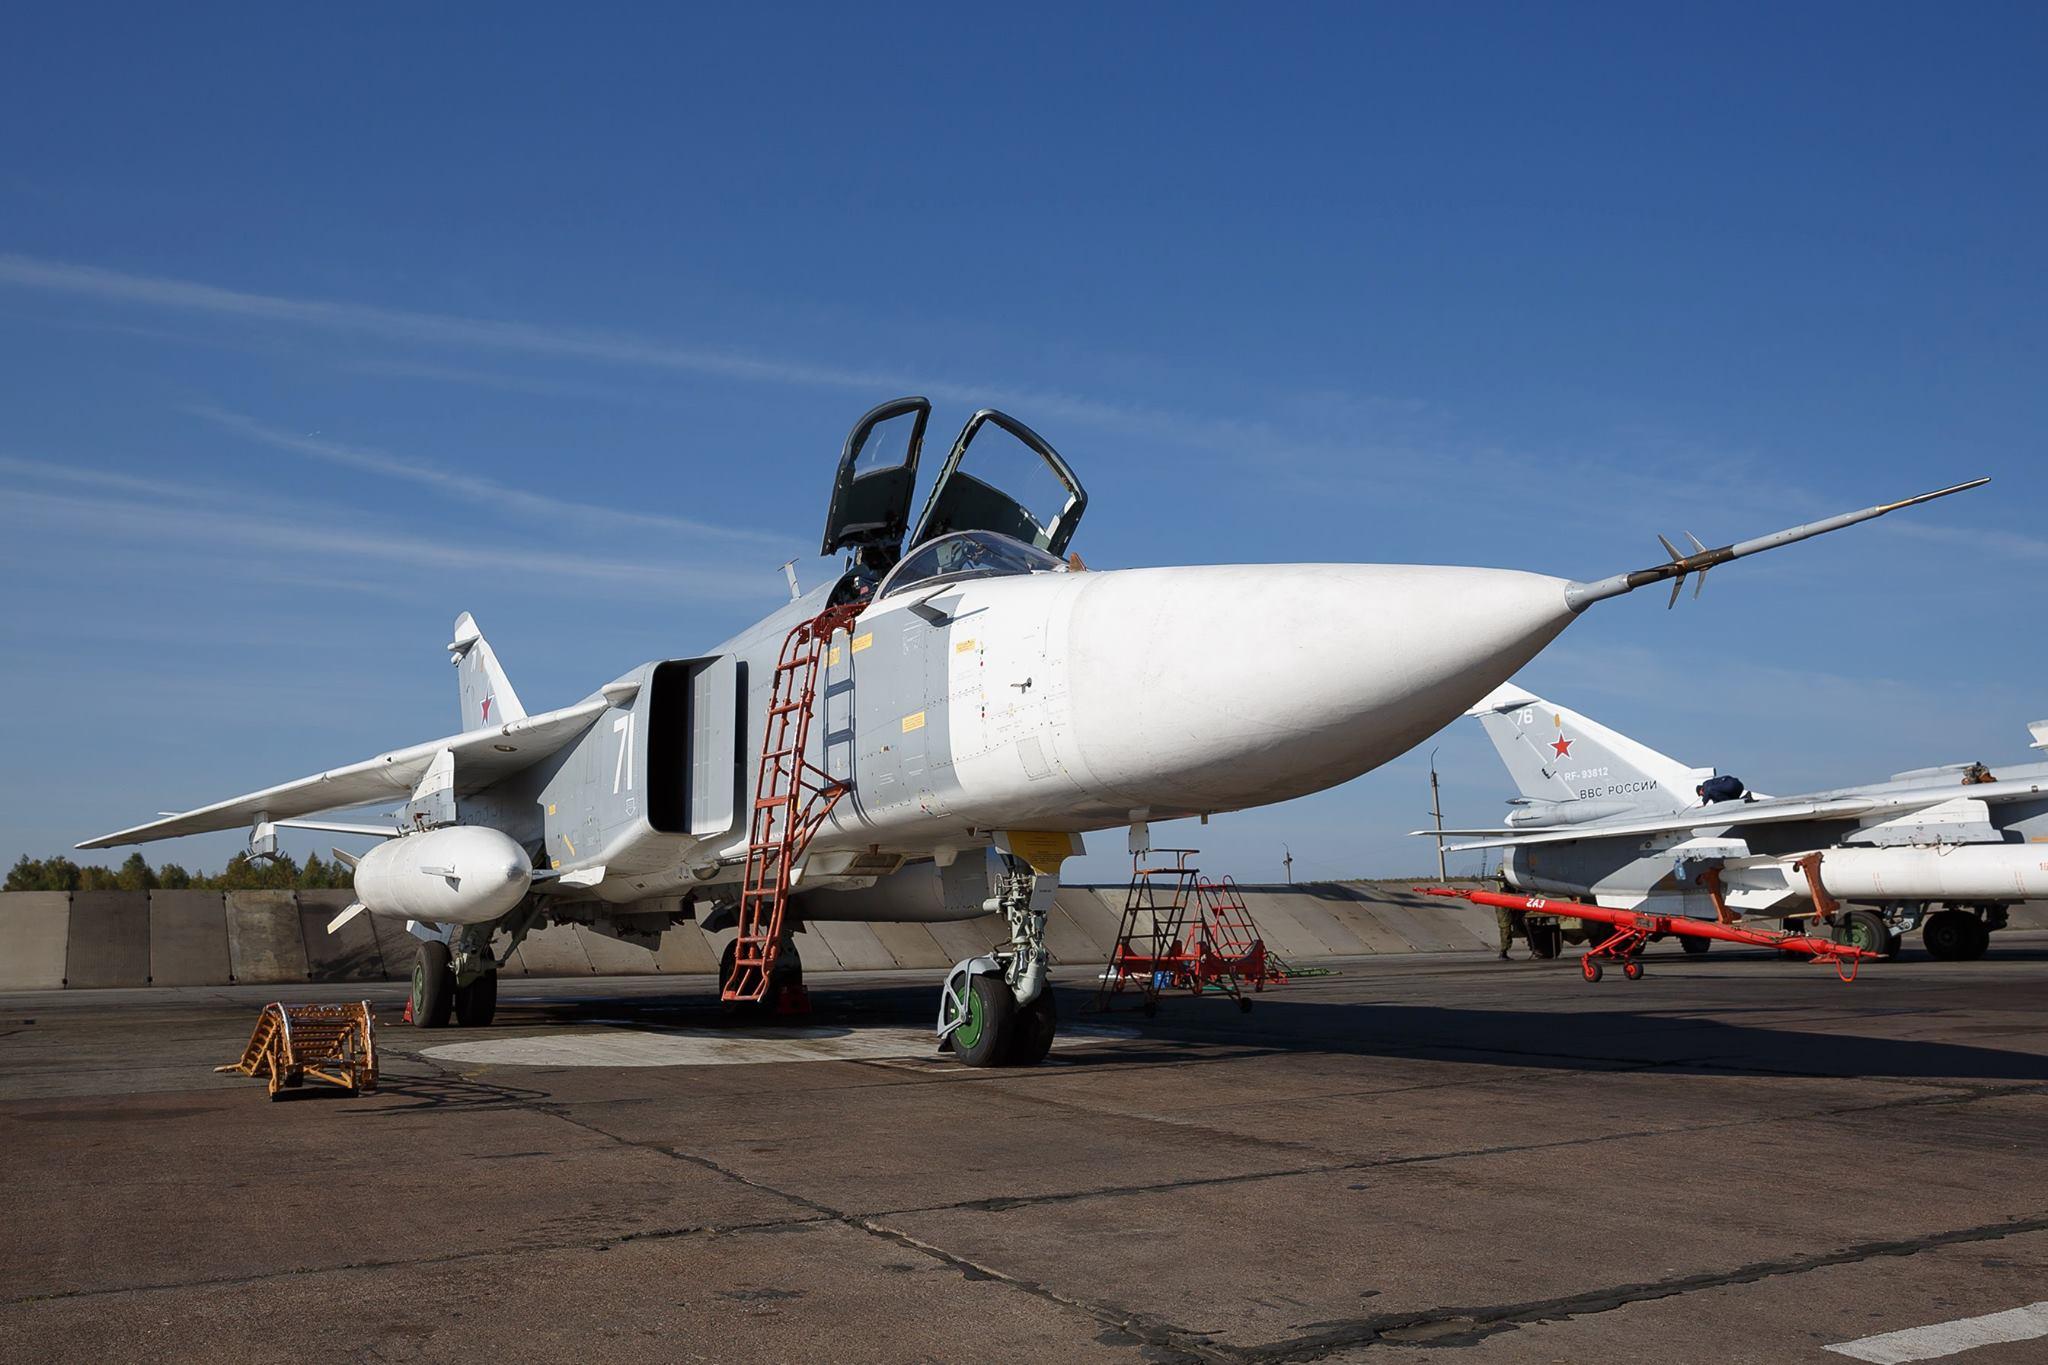 Российские ВВС приступили к нанесению ударов в Сирии. Фото: Минобороны России в Facebook